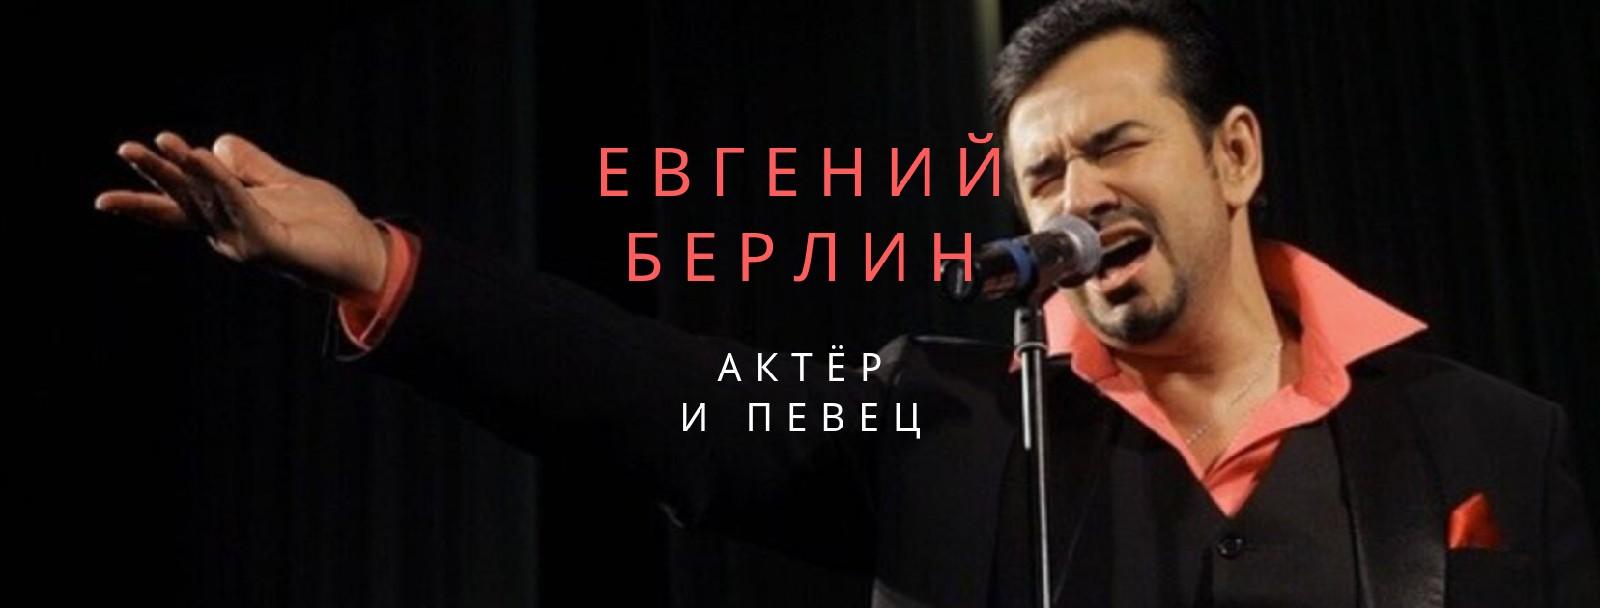 Евгений Берлин певец, актер